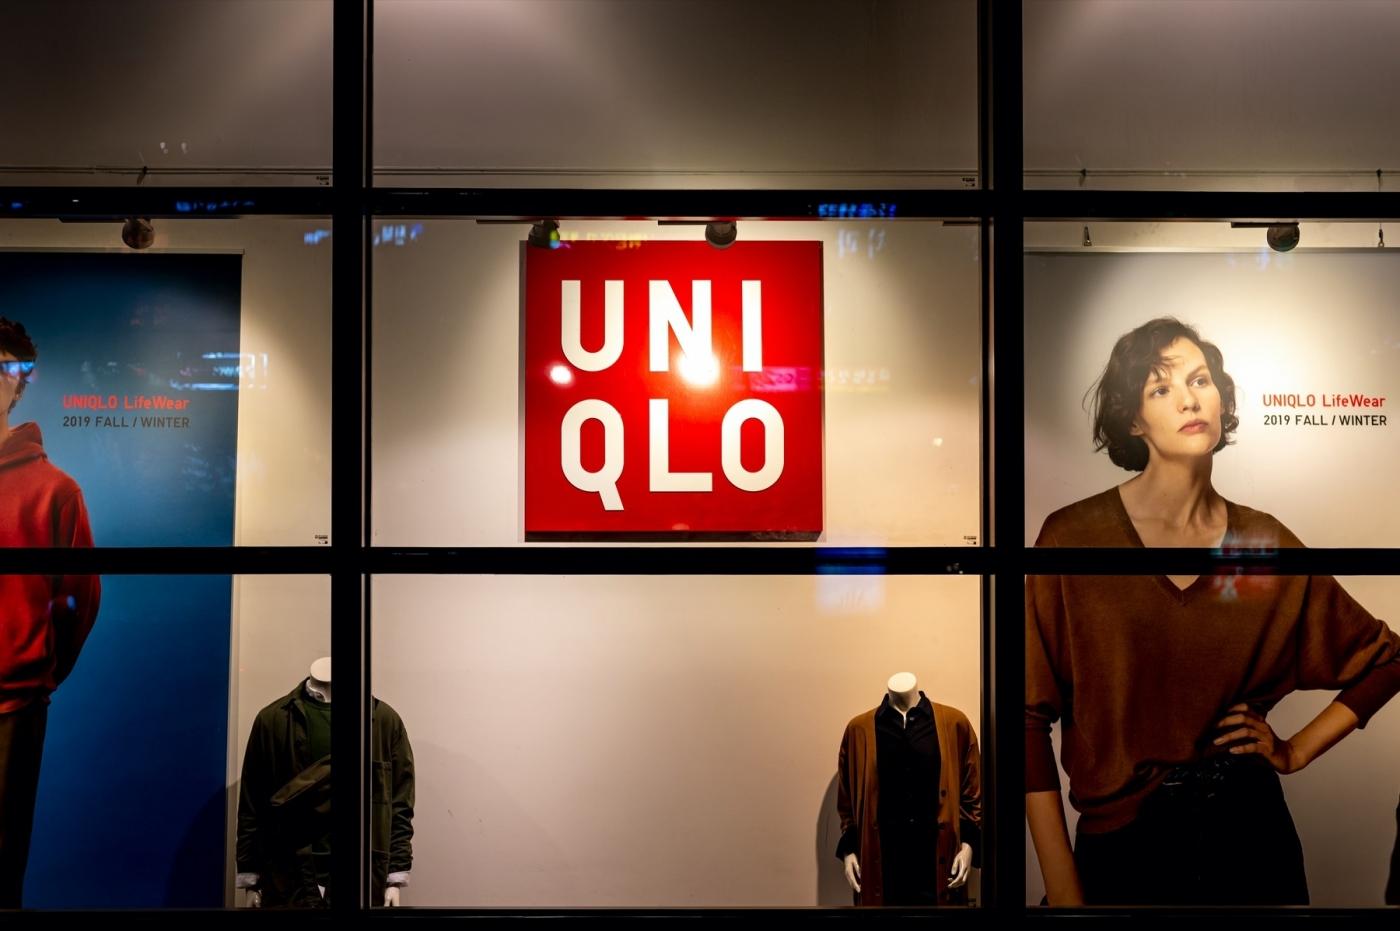 營收、利潤雙雙大跌的UNIQLO,手裡還有牌嗎?